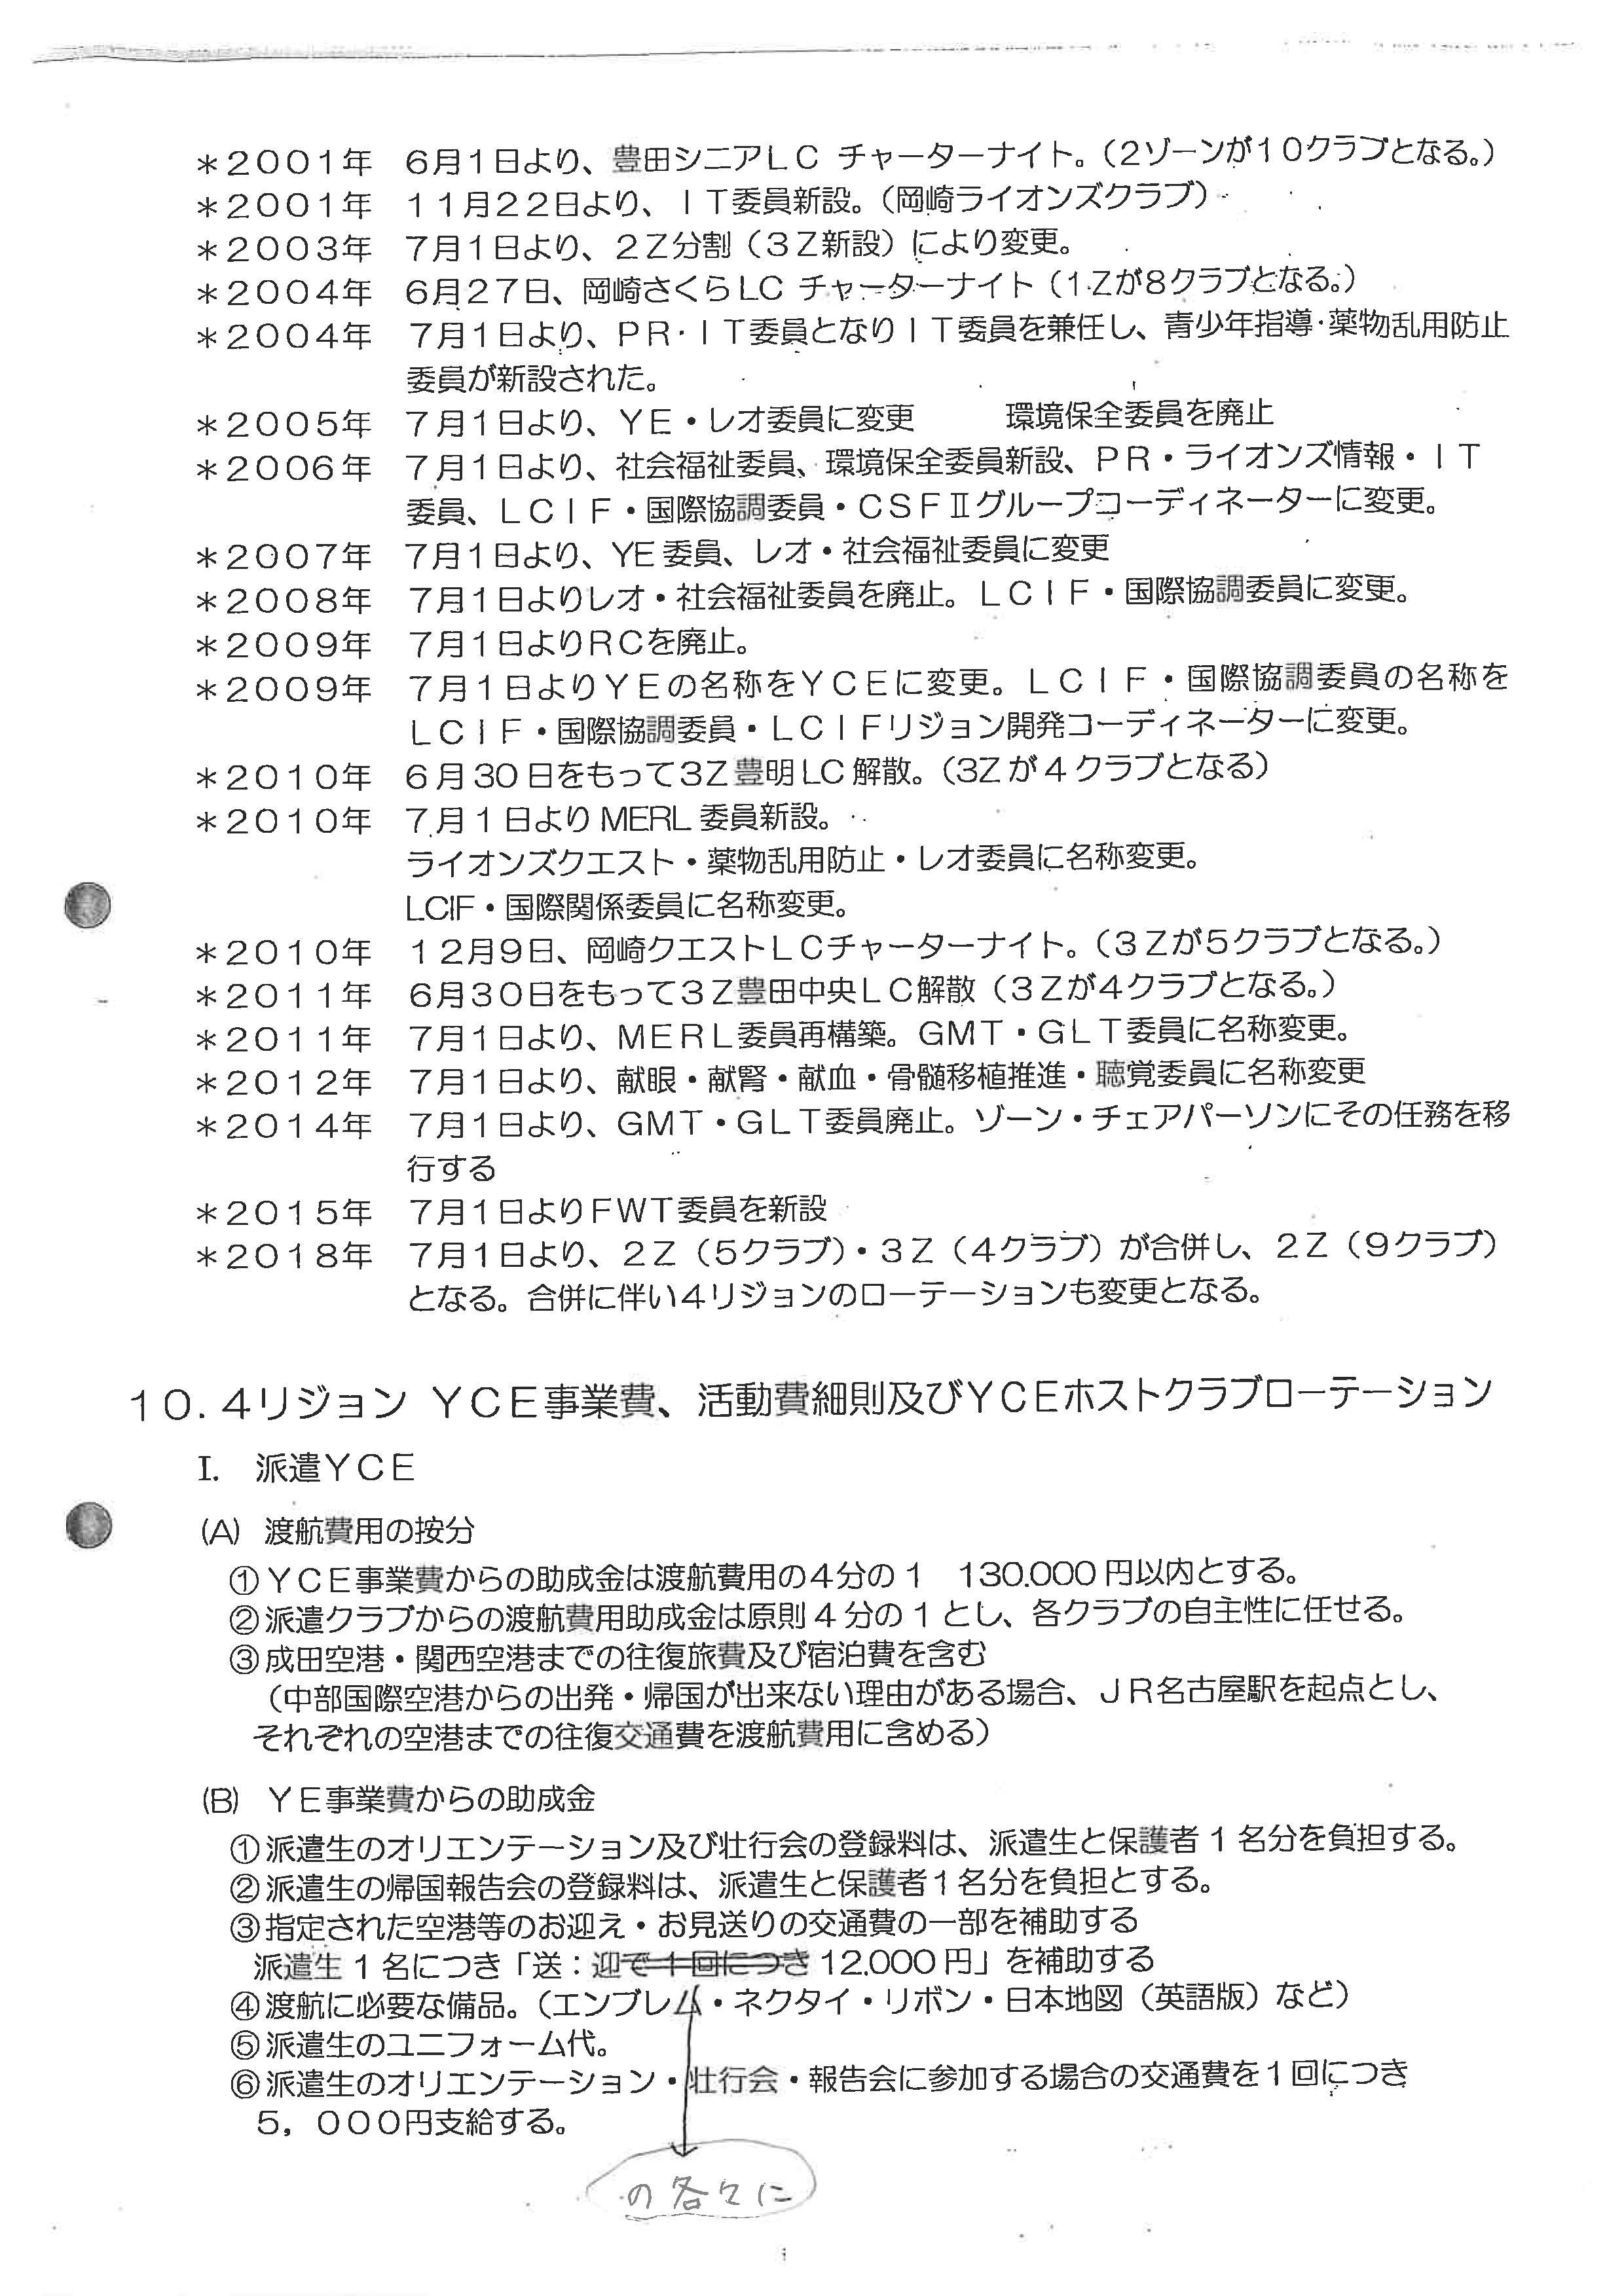 19準備ゾーン会議4R YCE事業費 活動費細則 ホストクラブローテーション1